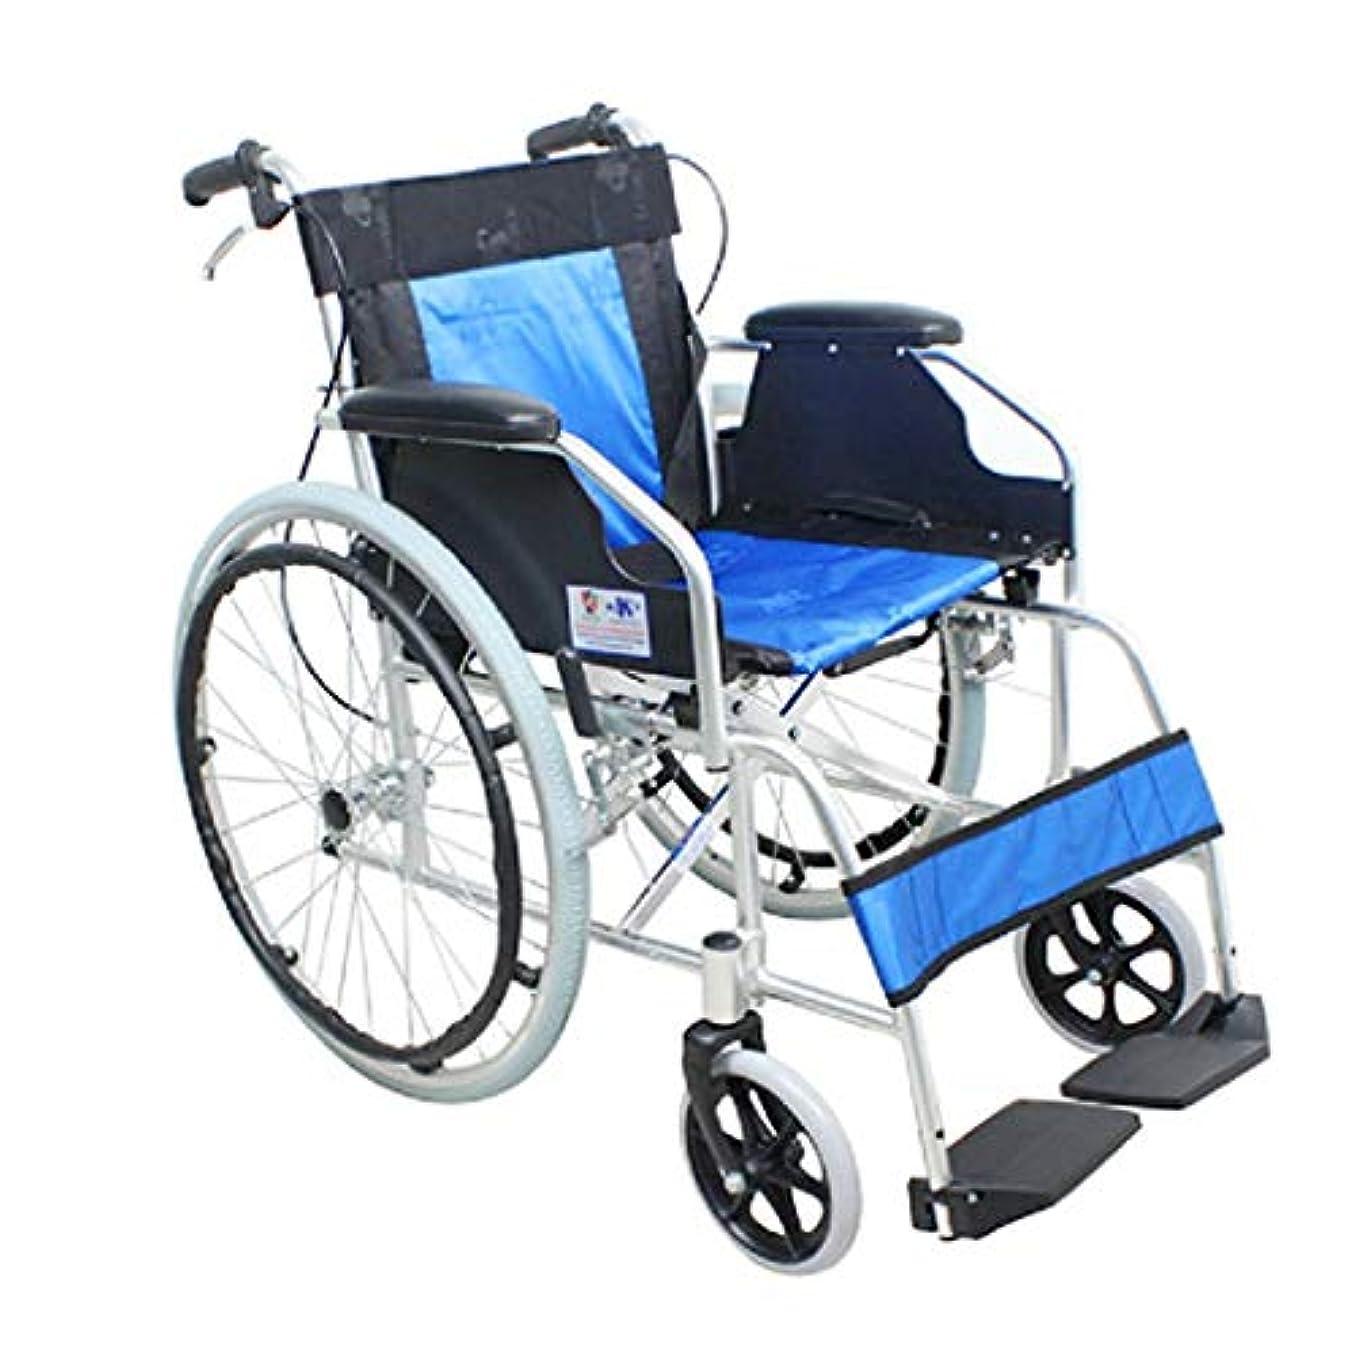 アミューズスチュワード世界的にアルミ合金車椅子折りたたみポータブル障害者高齢者車椅子4ブレーキデザインバックストレージバッグ